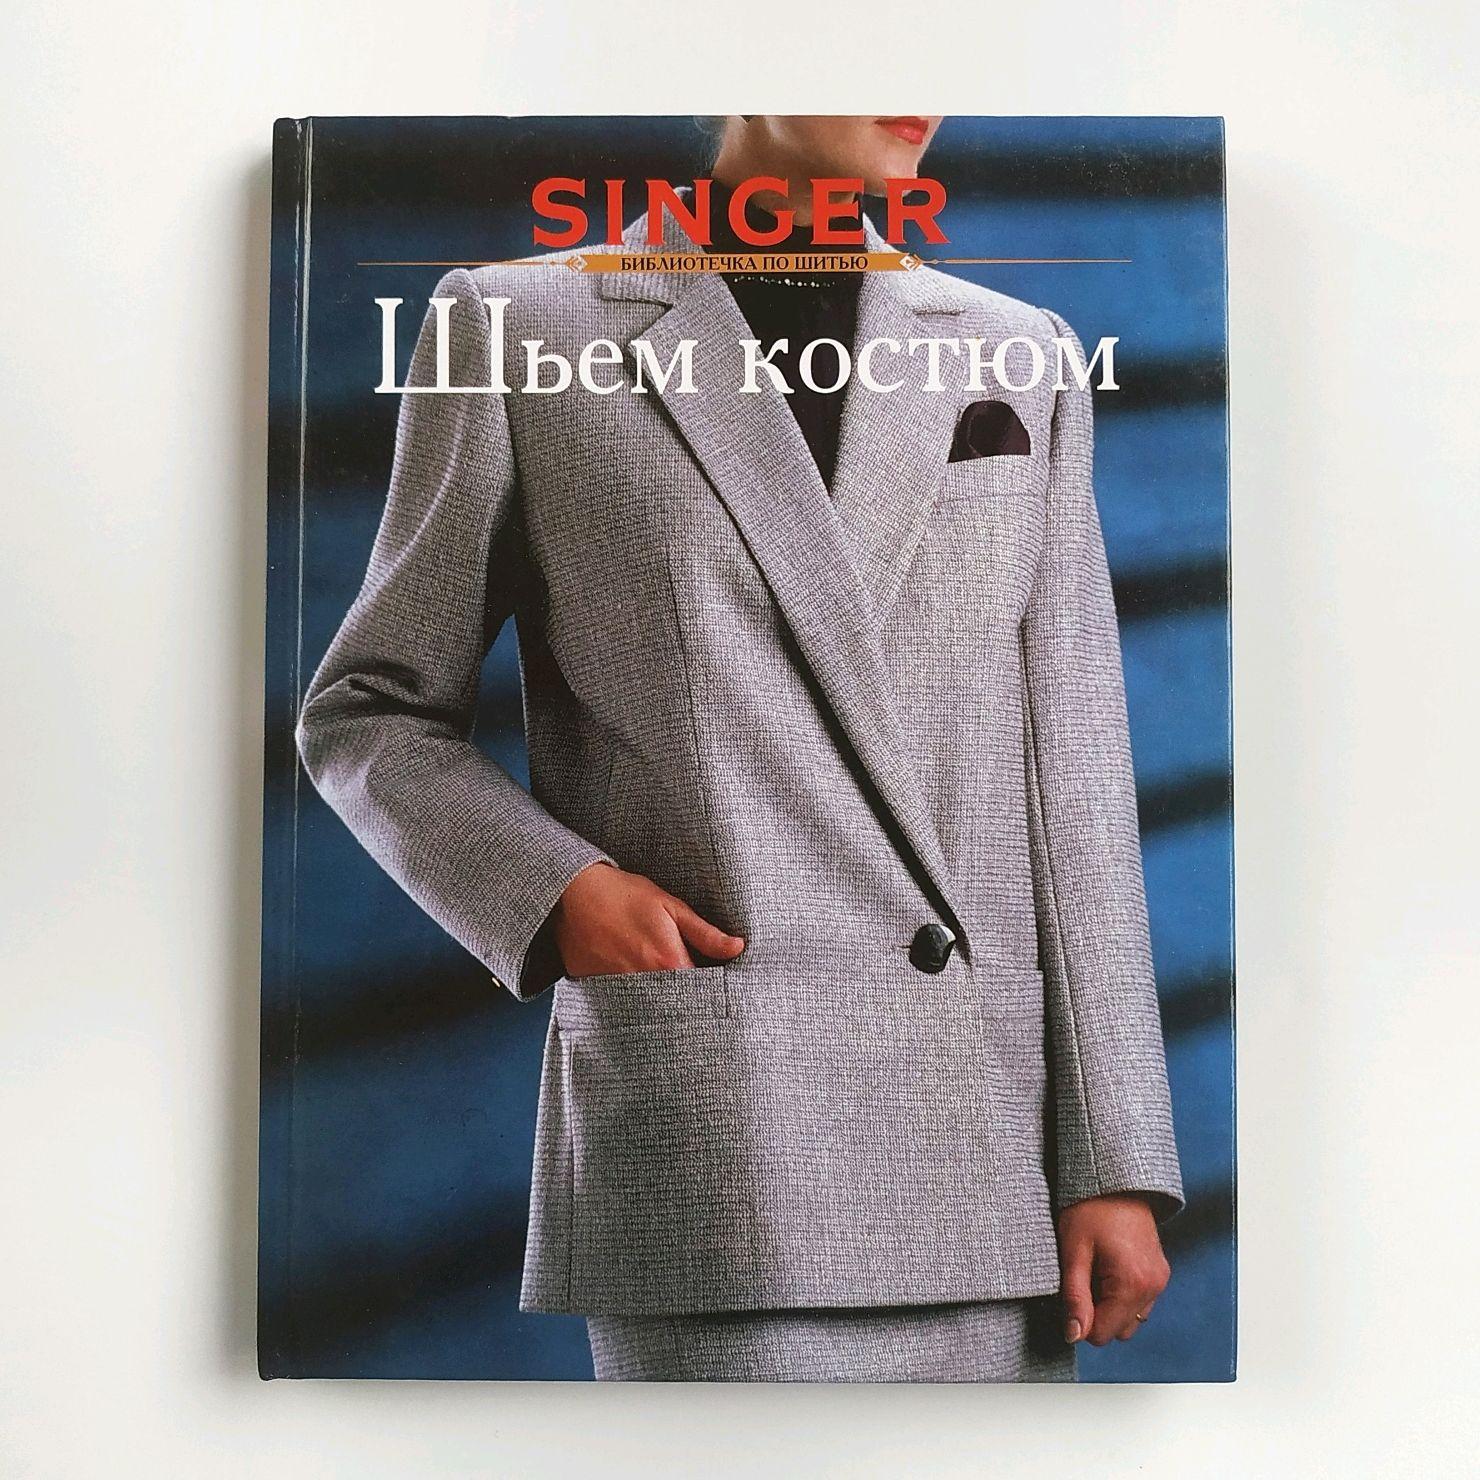 Книга Singer Шьем костюм, Книги, Москва,  Фото №1